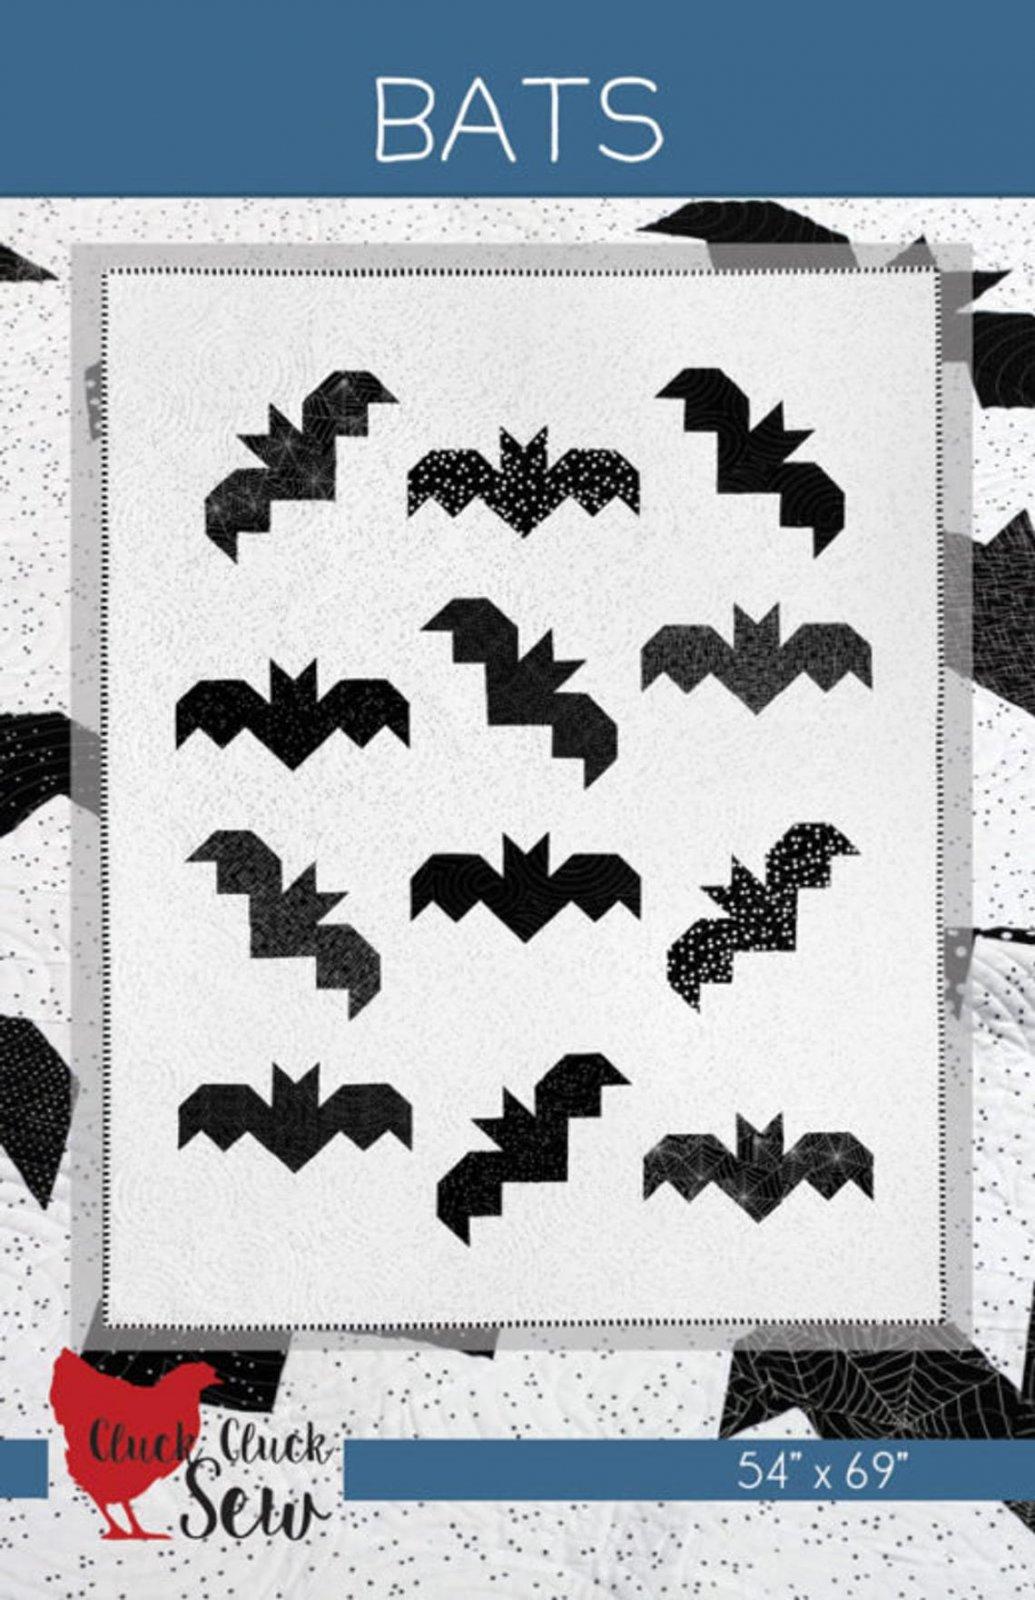 Cluck Cluck Sew - Bats